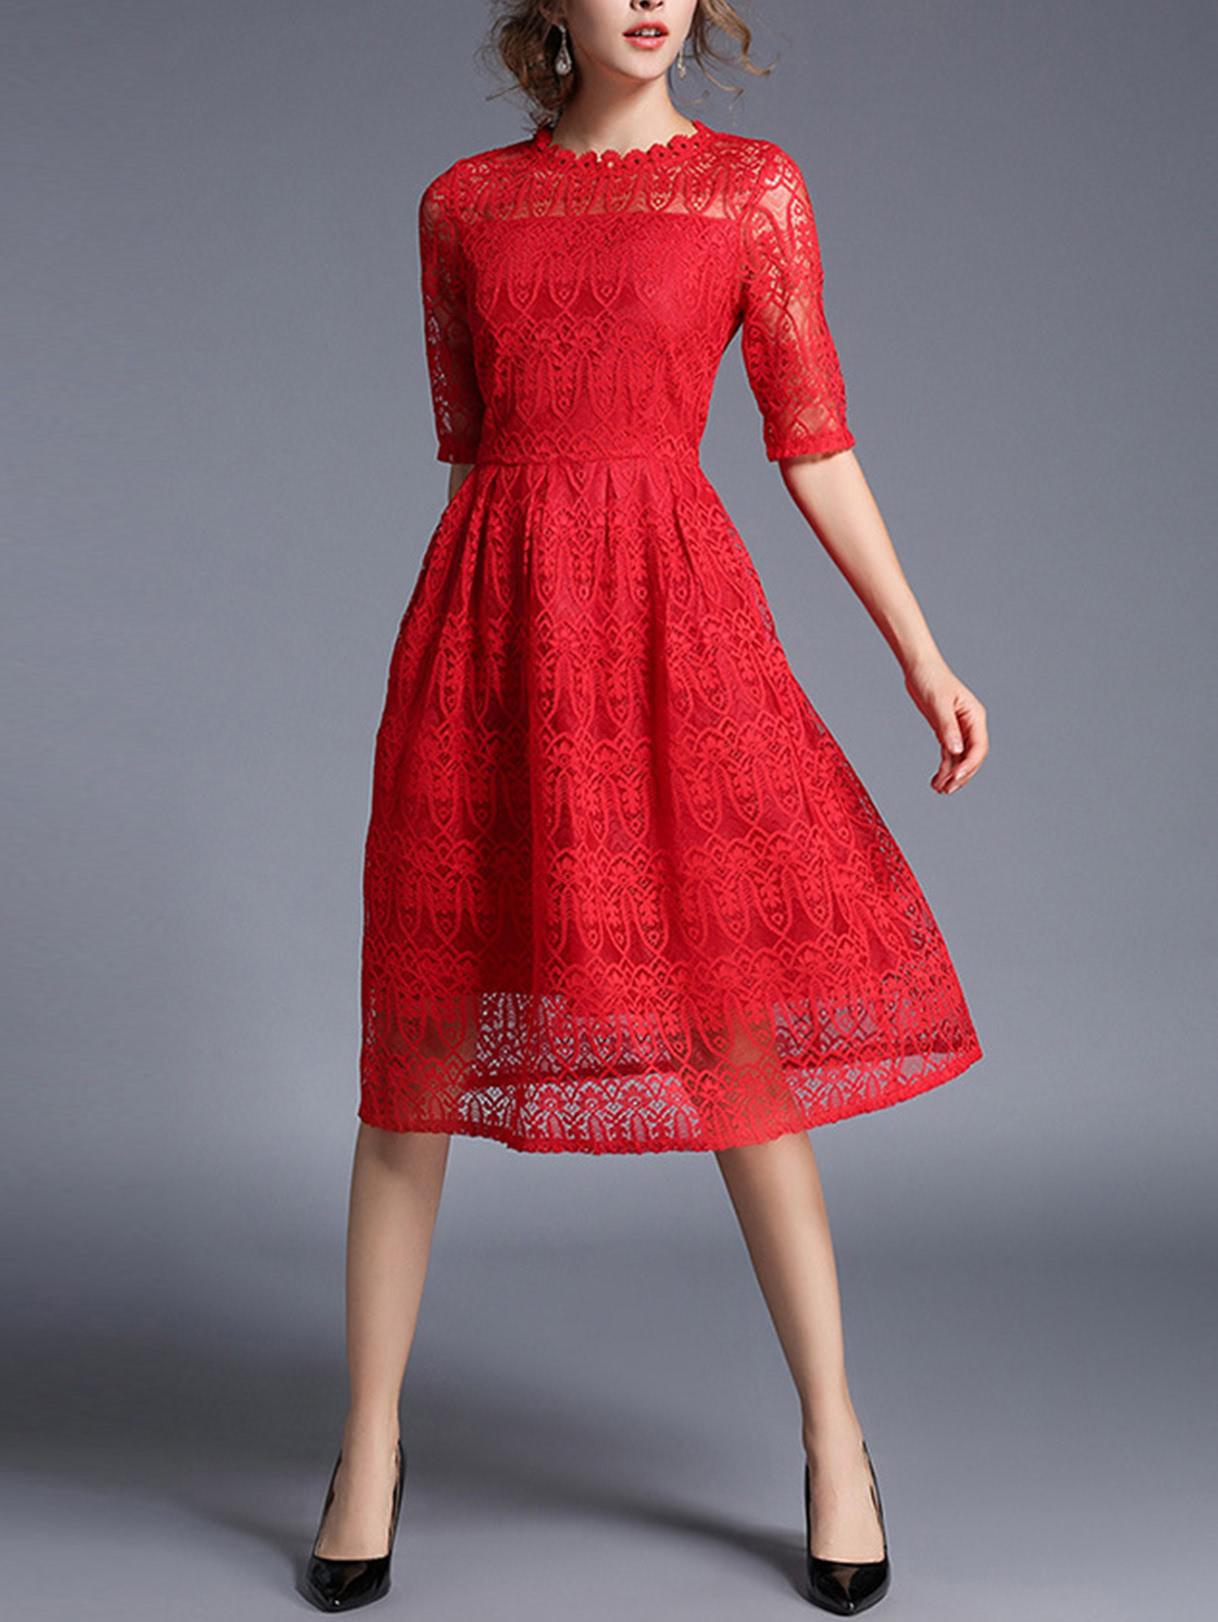 Shop Lace Crochet Eblow Sleeve Dress Online Shein Offers Lace Crochet Eblow Sleeve Dress More To Fit Your Fa Red Lace Dress Women Lace Dress Lace Midi Dress